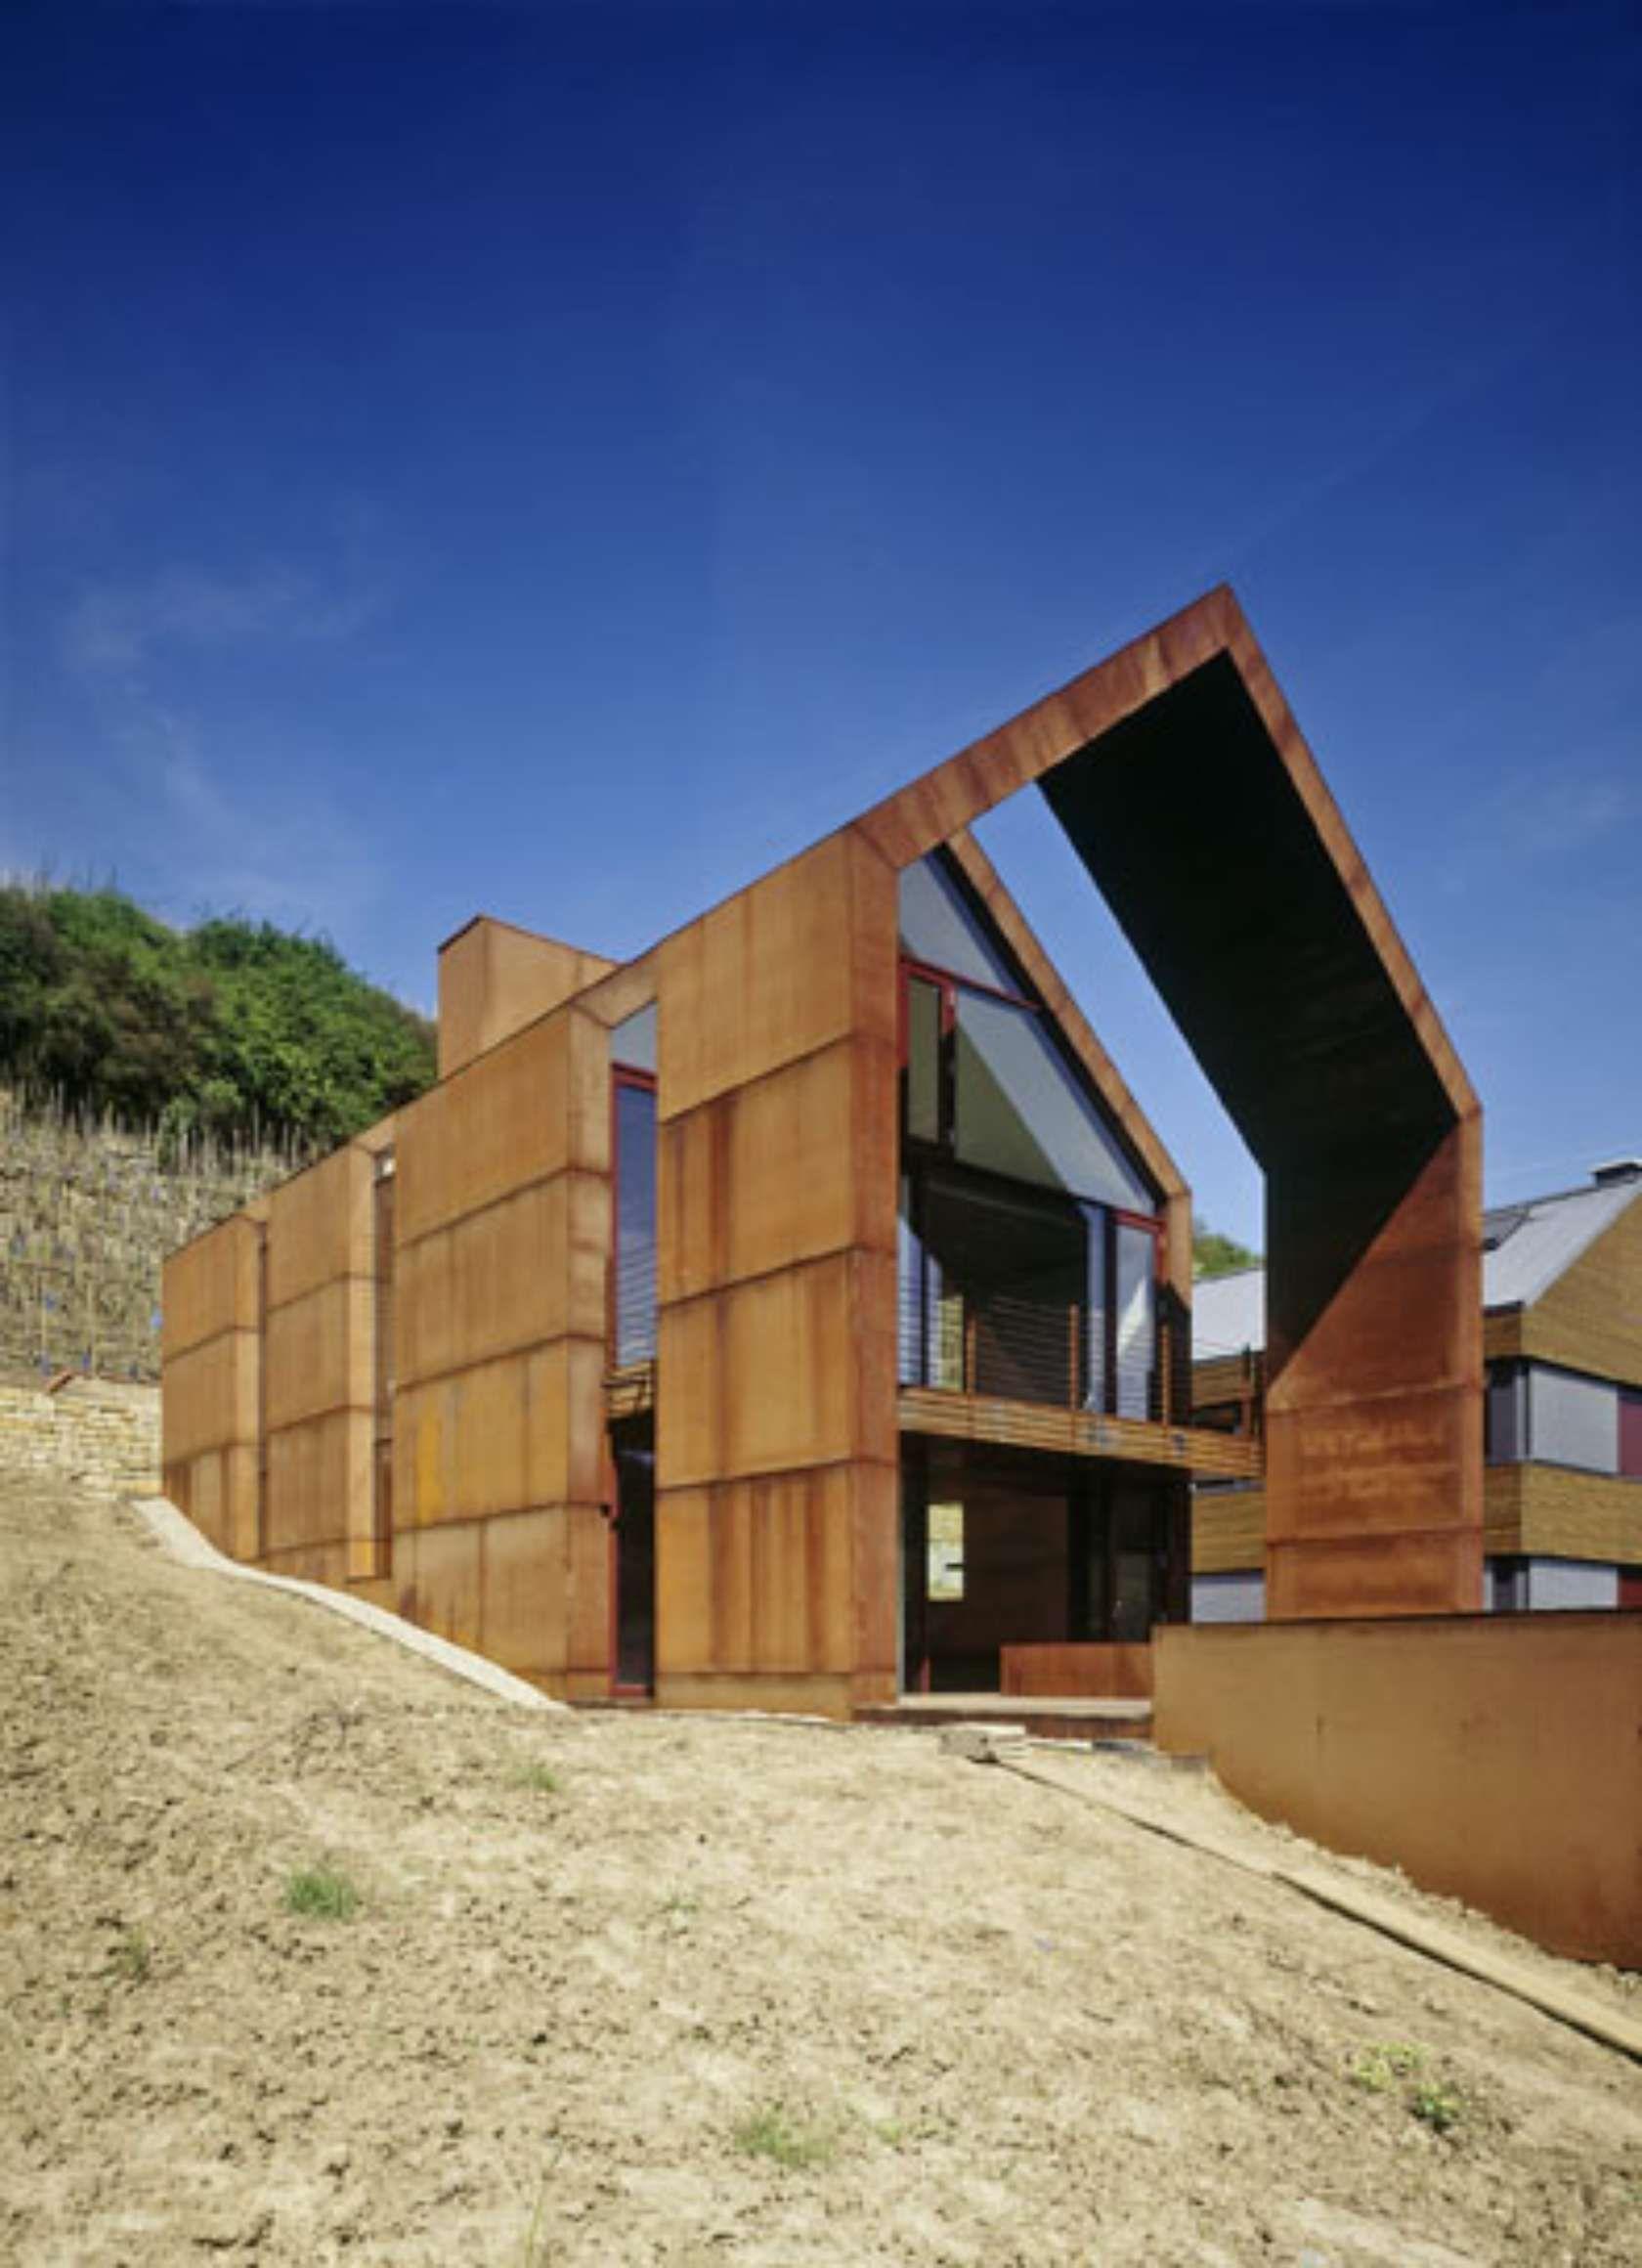 Pavillon modernes haus design moderne häuser luxemburg corten stahl glashaus fassaden moderne architektur architektur